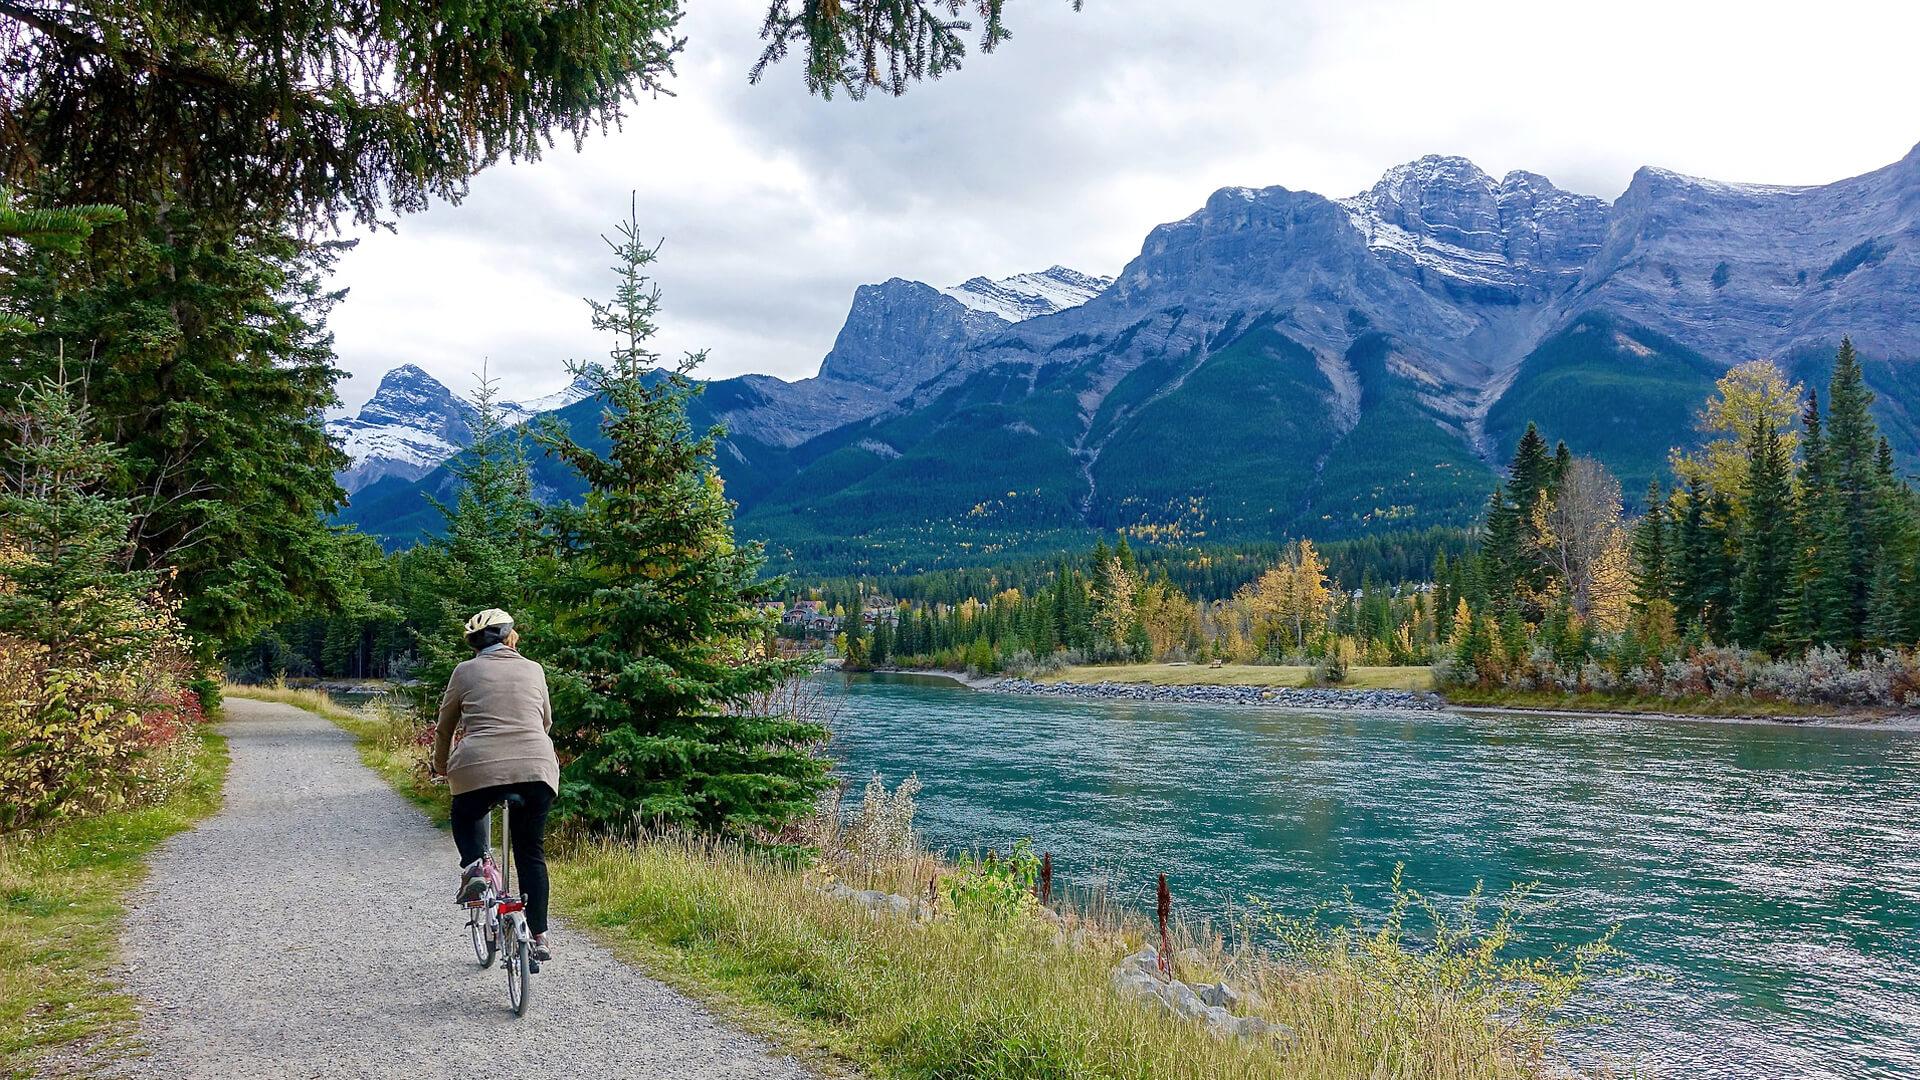 Radfahren in Garmisch-Partenkirchen – Fahrrad fahren in den Bergen